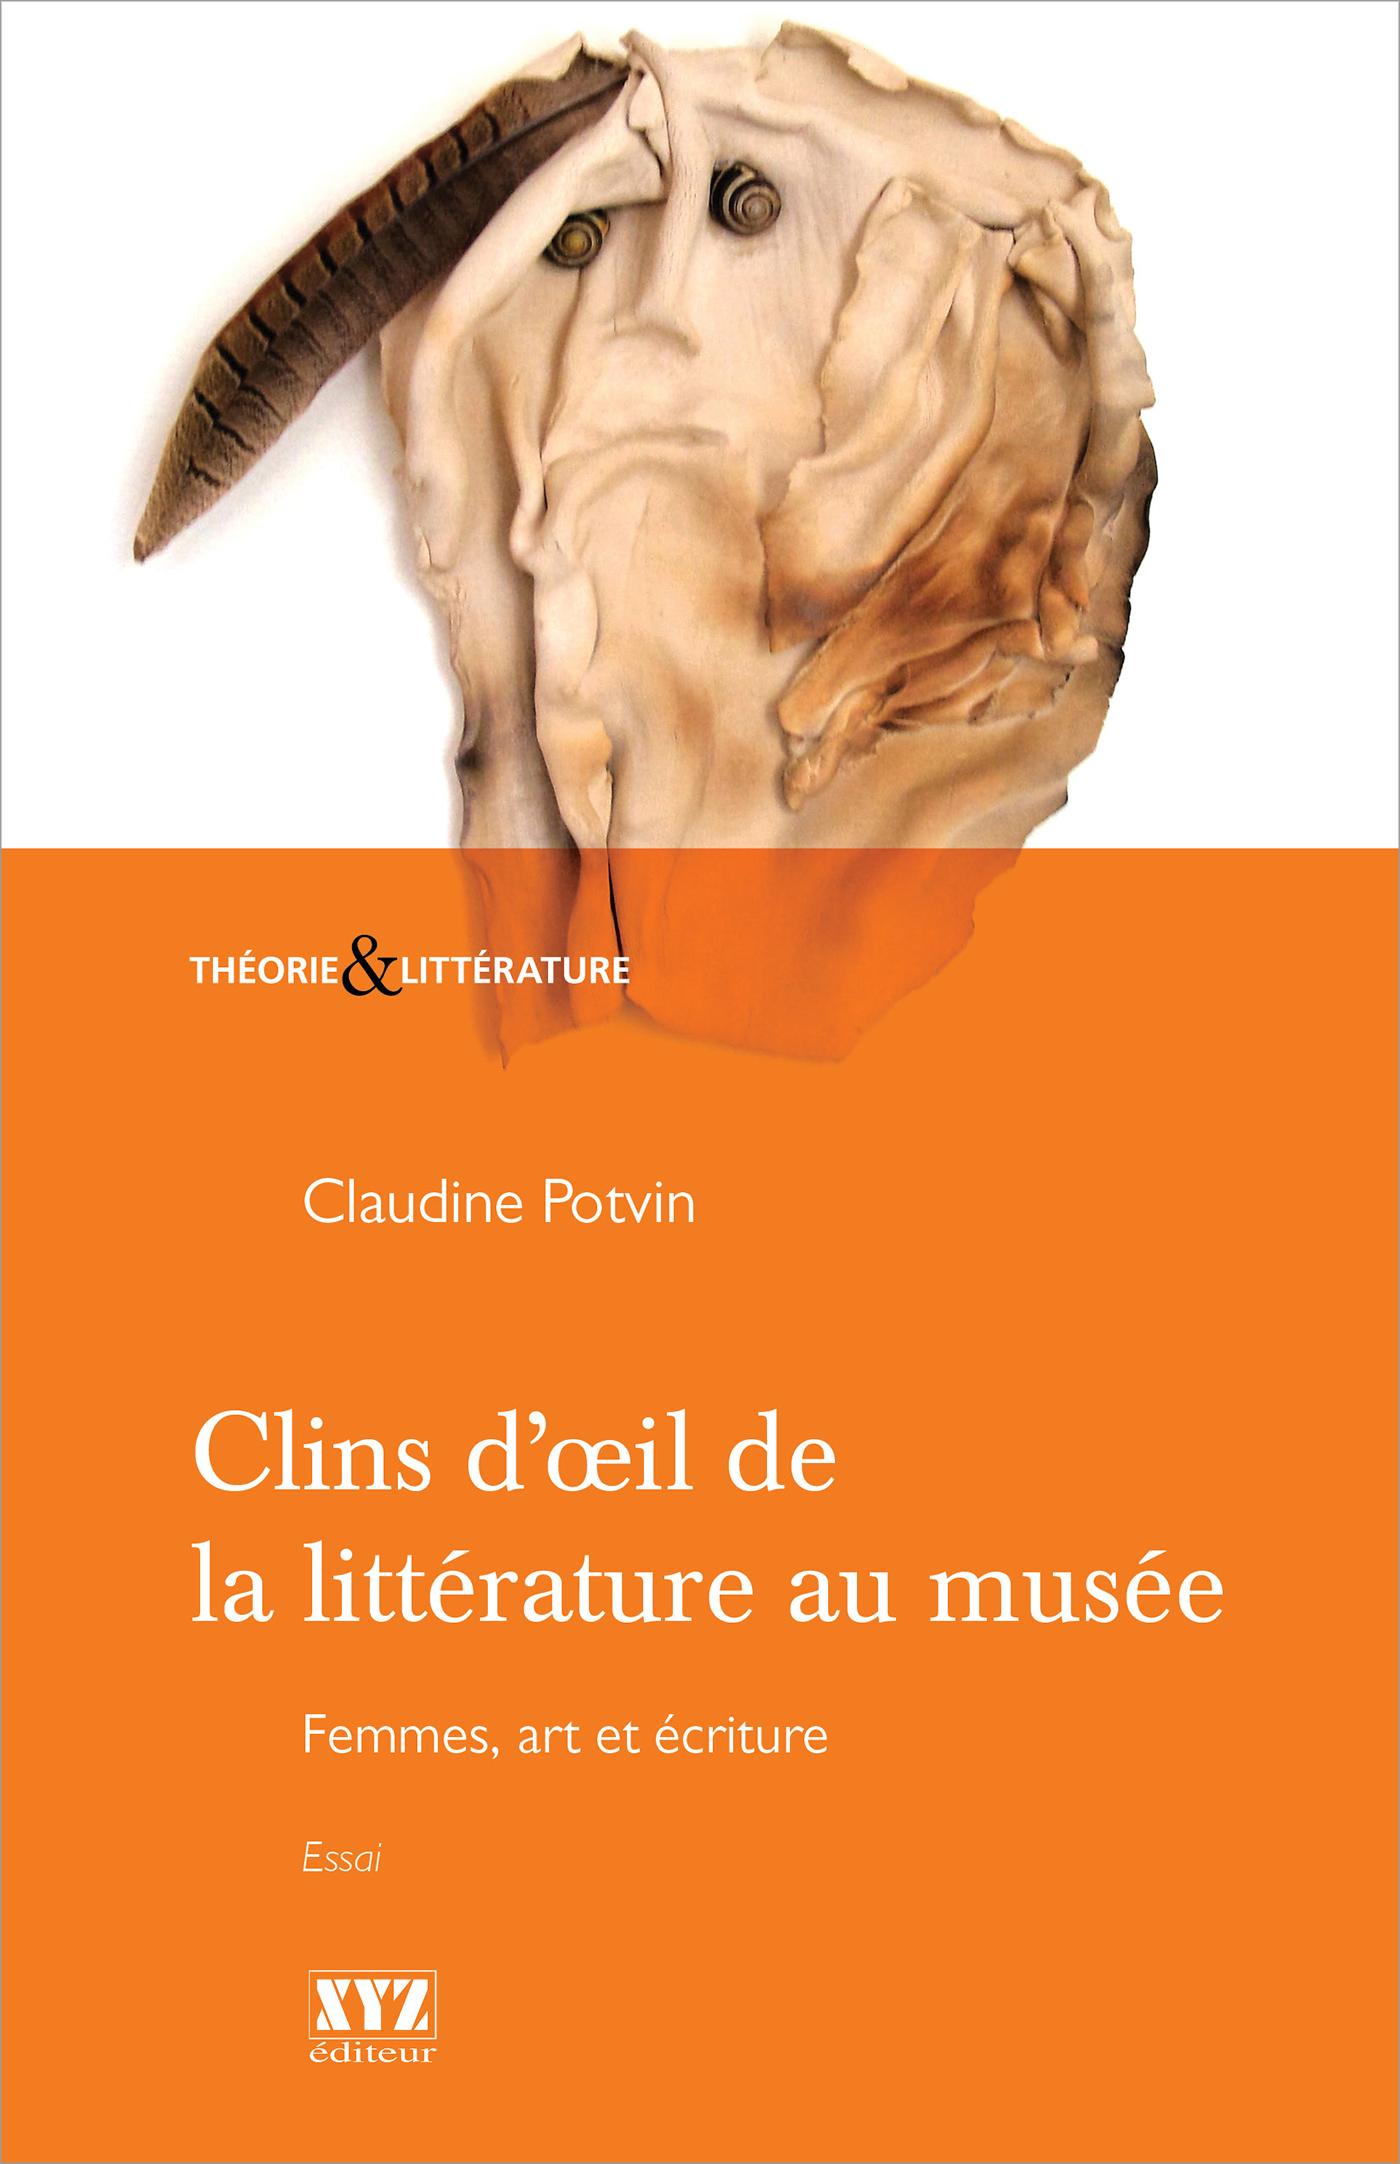 Clins d'œil de la littérature au musée, Femmes, art et culture